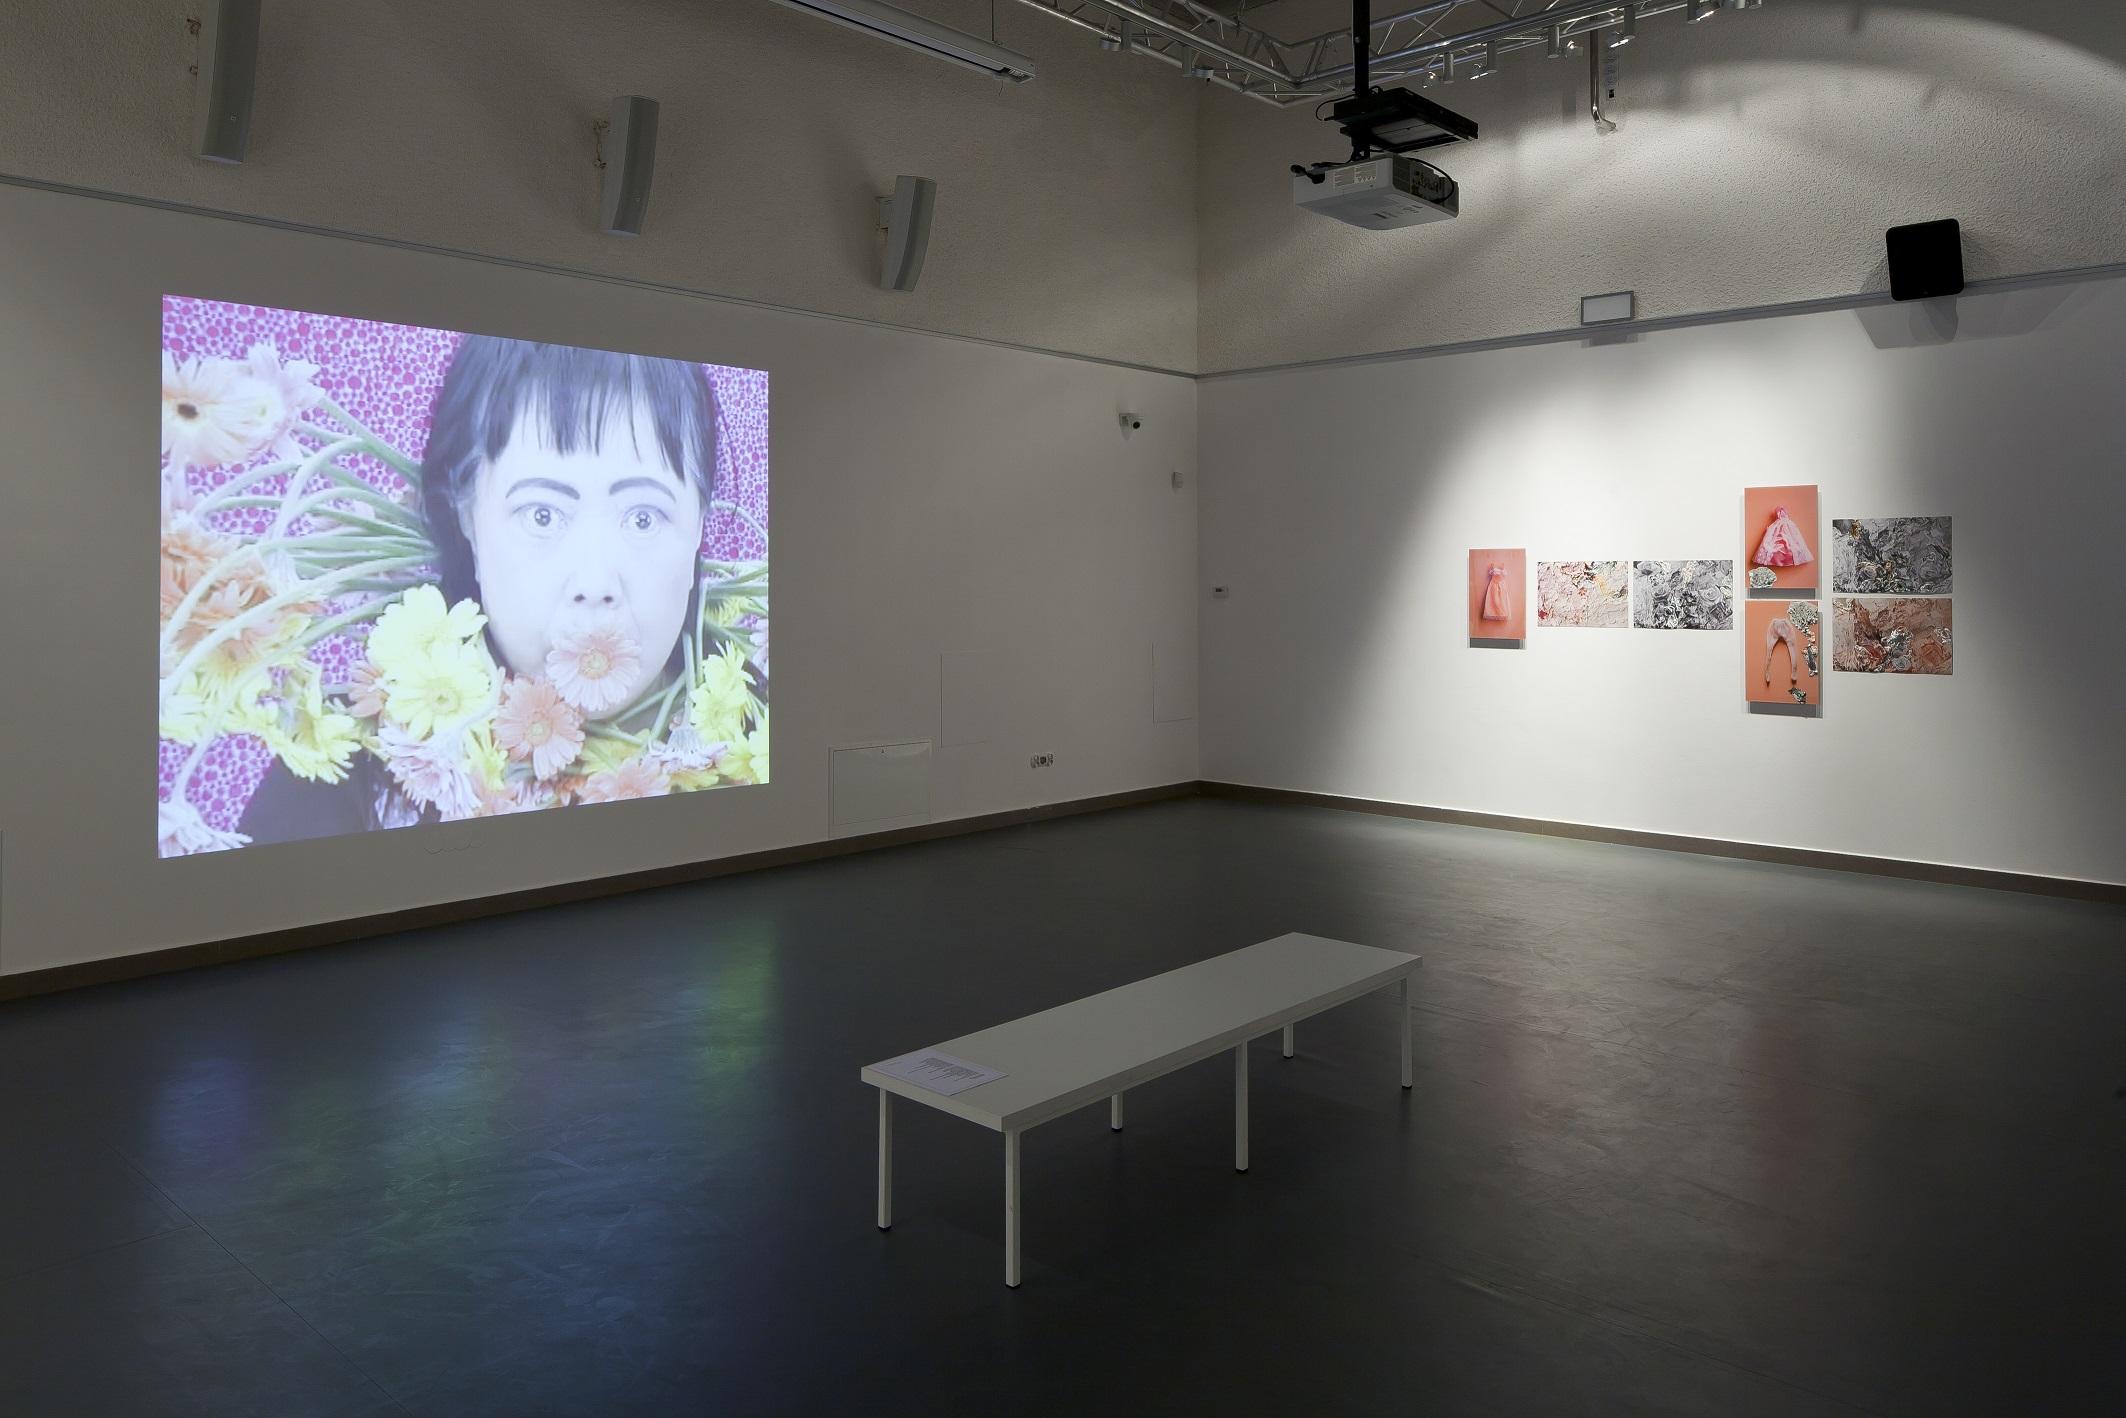 """Yayoi Kusama, """"Kwiatowa obsesja gerbery"""" KWIATOWA OBSESJA GERBERY wideo 1'21"""", 1999 dzięki uprzejmości artystki; Victoria Miro, London; Ota Fine Arts, Tokyo and Singapore; Yayoi Kusama Studio Inc. orazJadwiga Sawicka, """"Róże"""", akryl nafotografiach, cykl kolaży, 2013 fot.D. Rumiancew, archiwum BWA wTarnowie"""